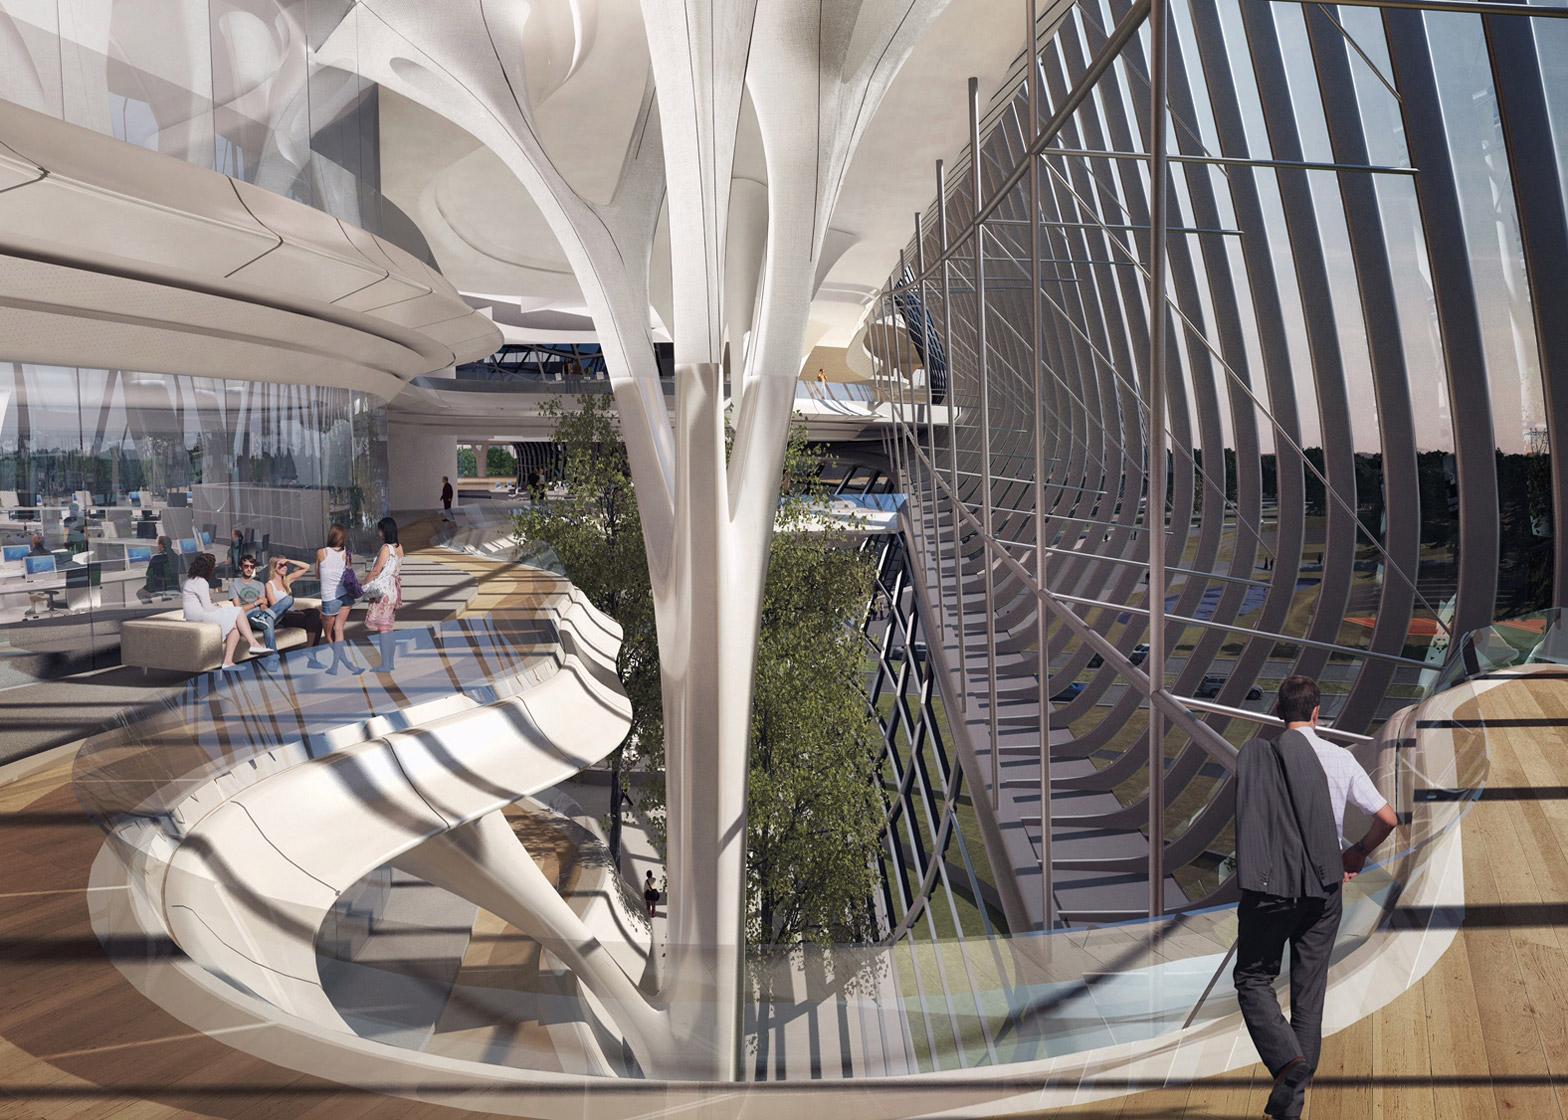 Happy Architect Zaha Hadid Architects Wins Contest For New